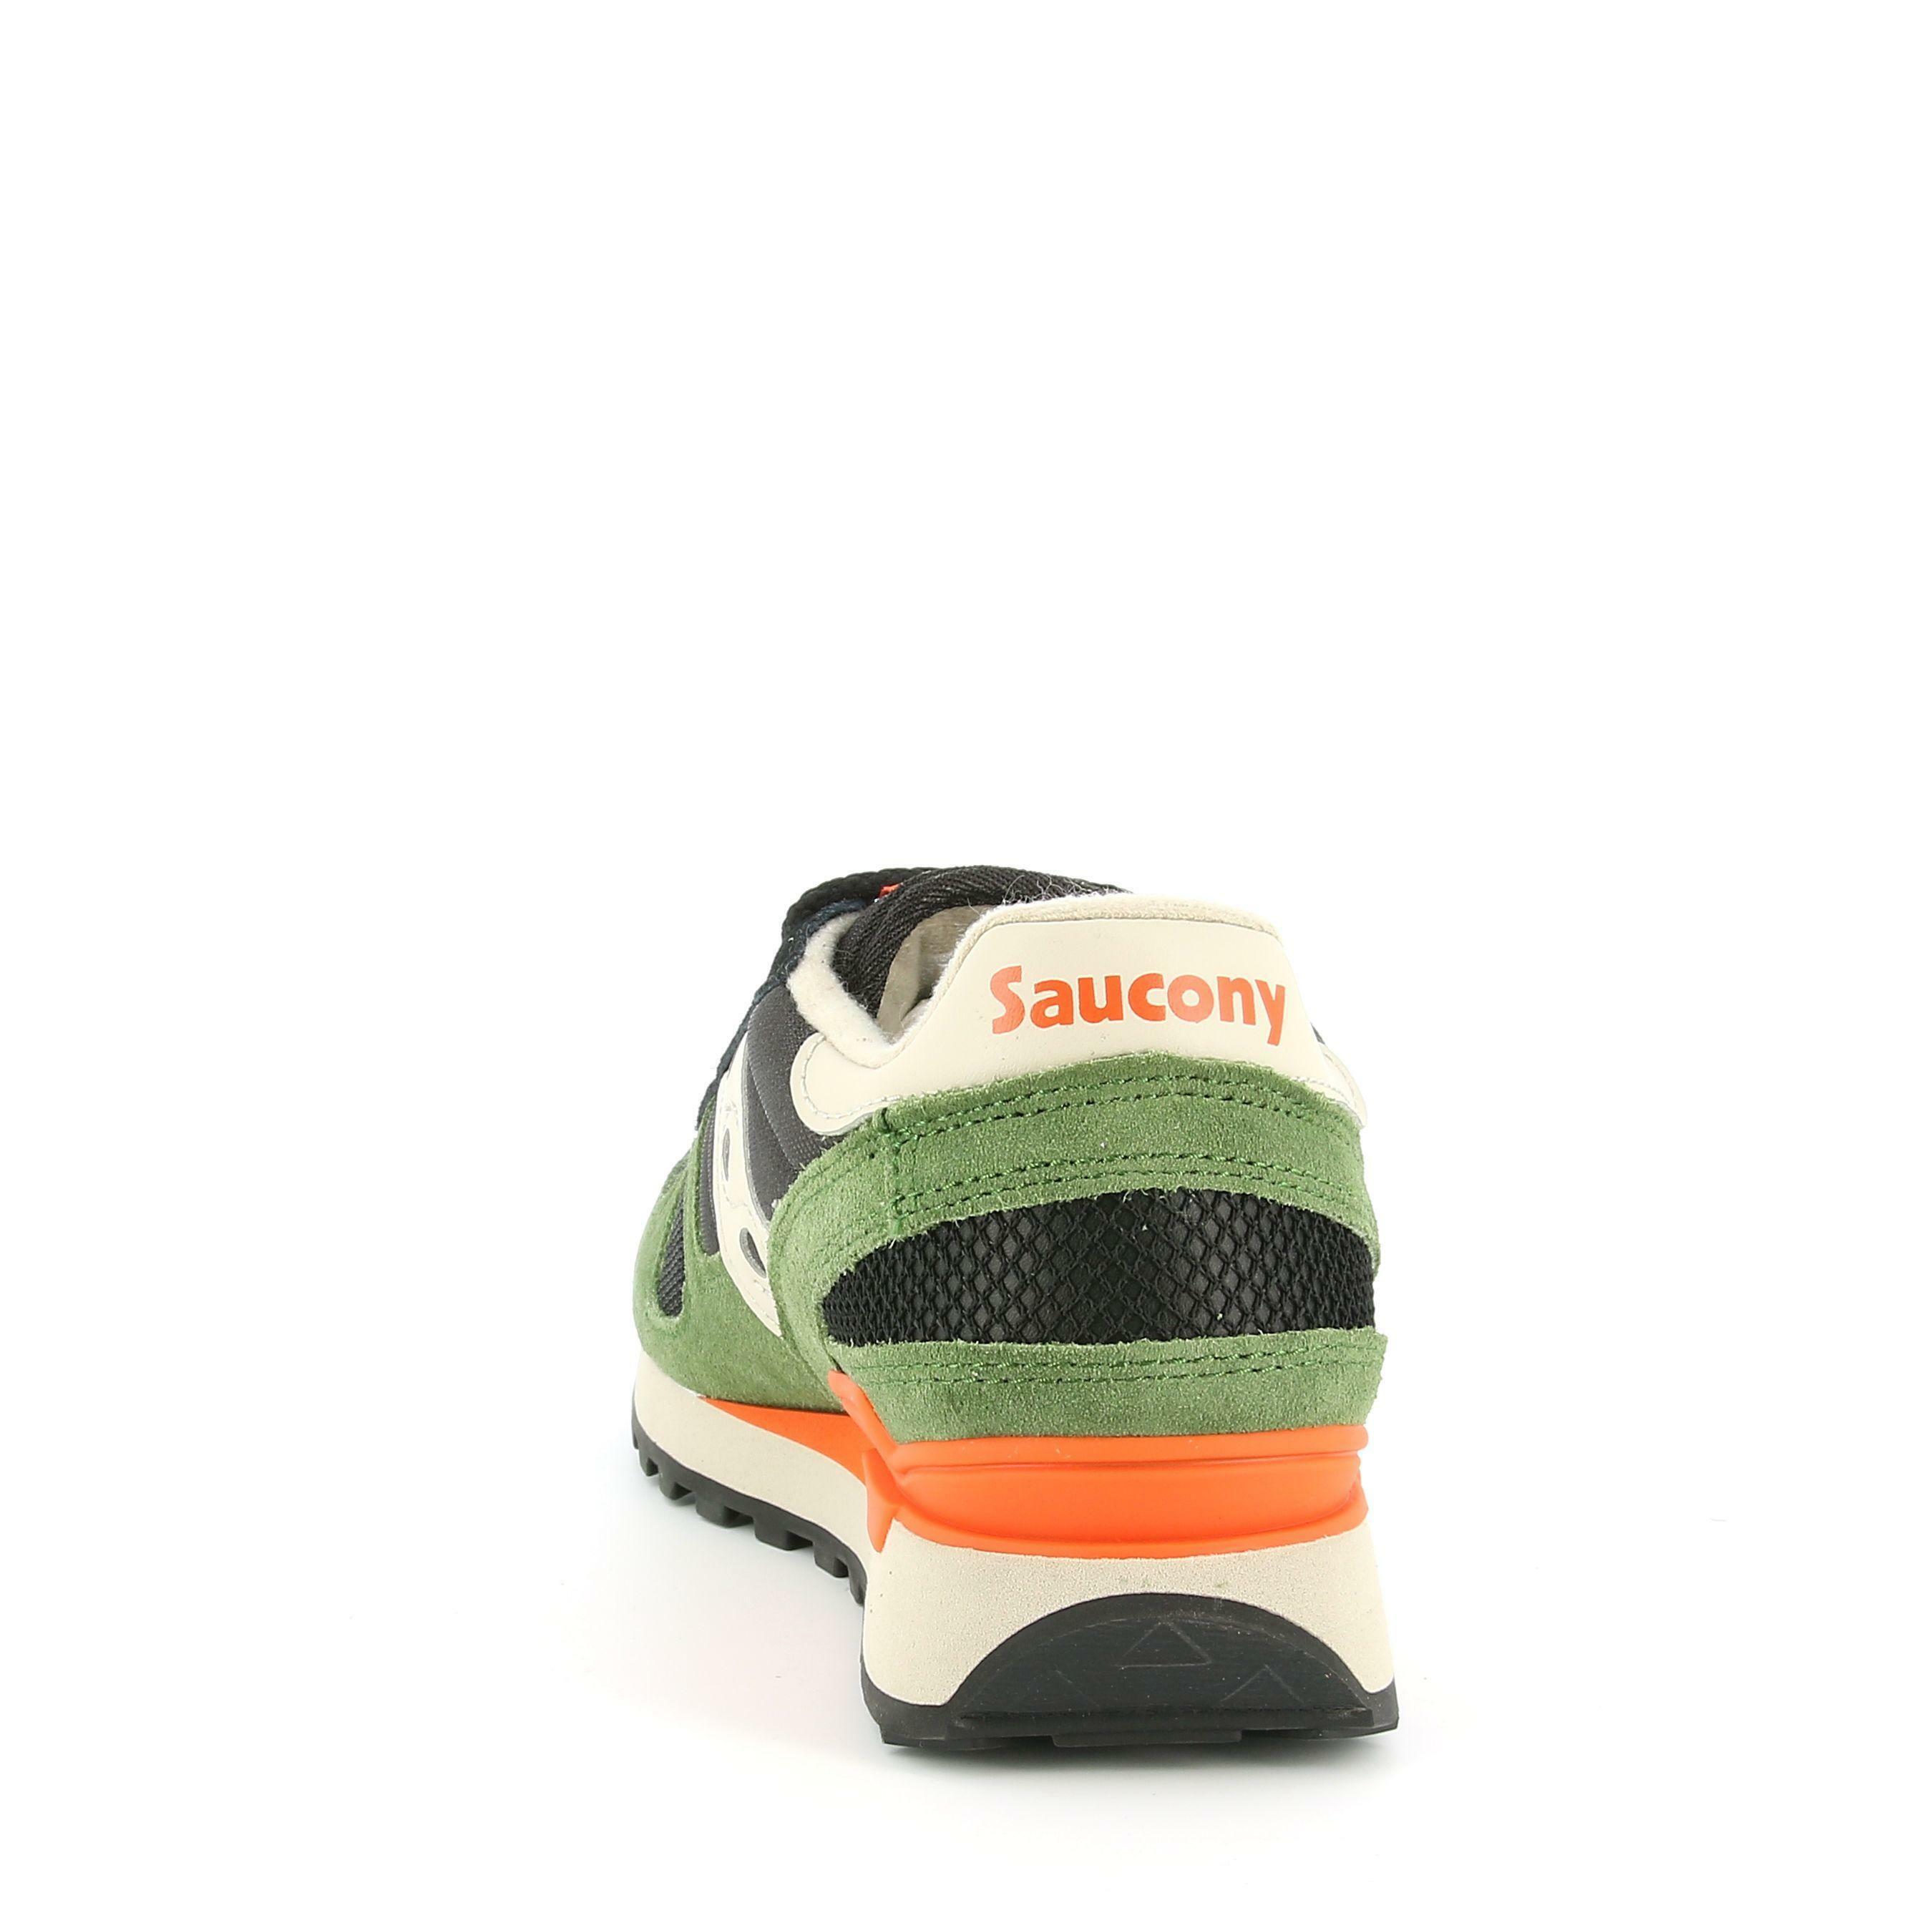 saucony saucony shadow original s2108-562 scarpe sportive da uomo